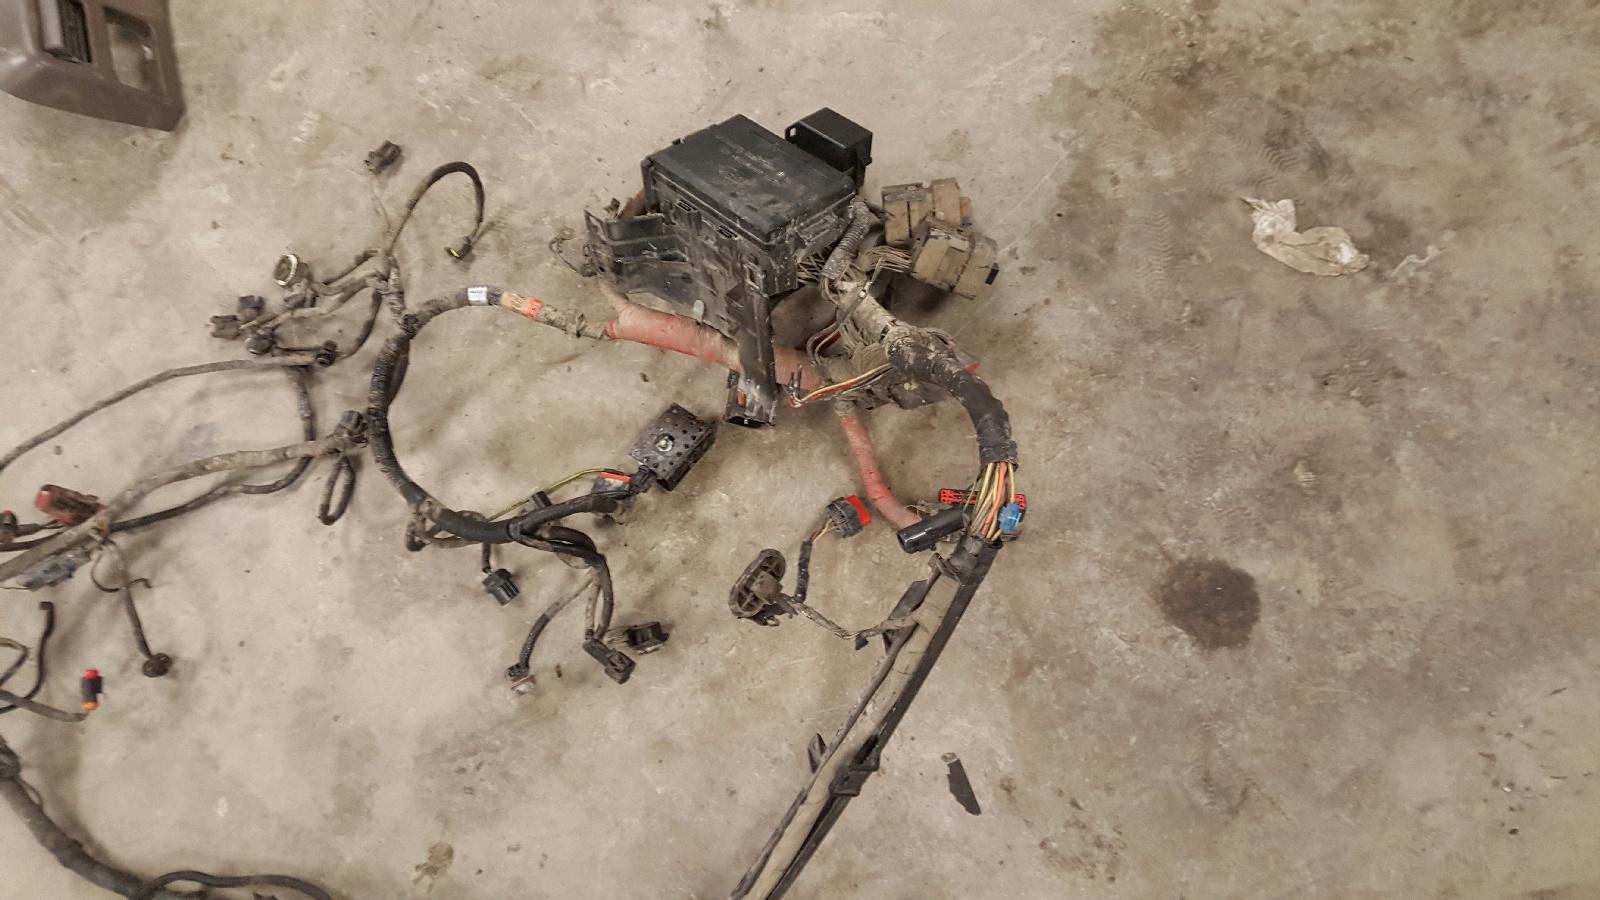 1999 2000 2001 2002 2003 ford f250 f350 7.3l engine ... f350 1999 7 3 wiring harness